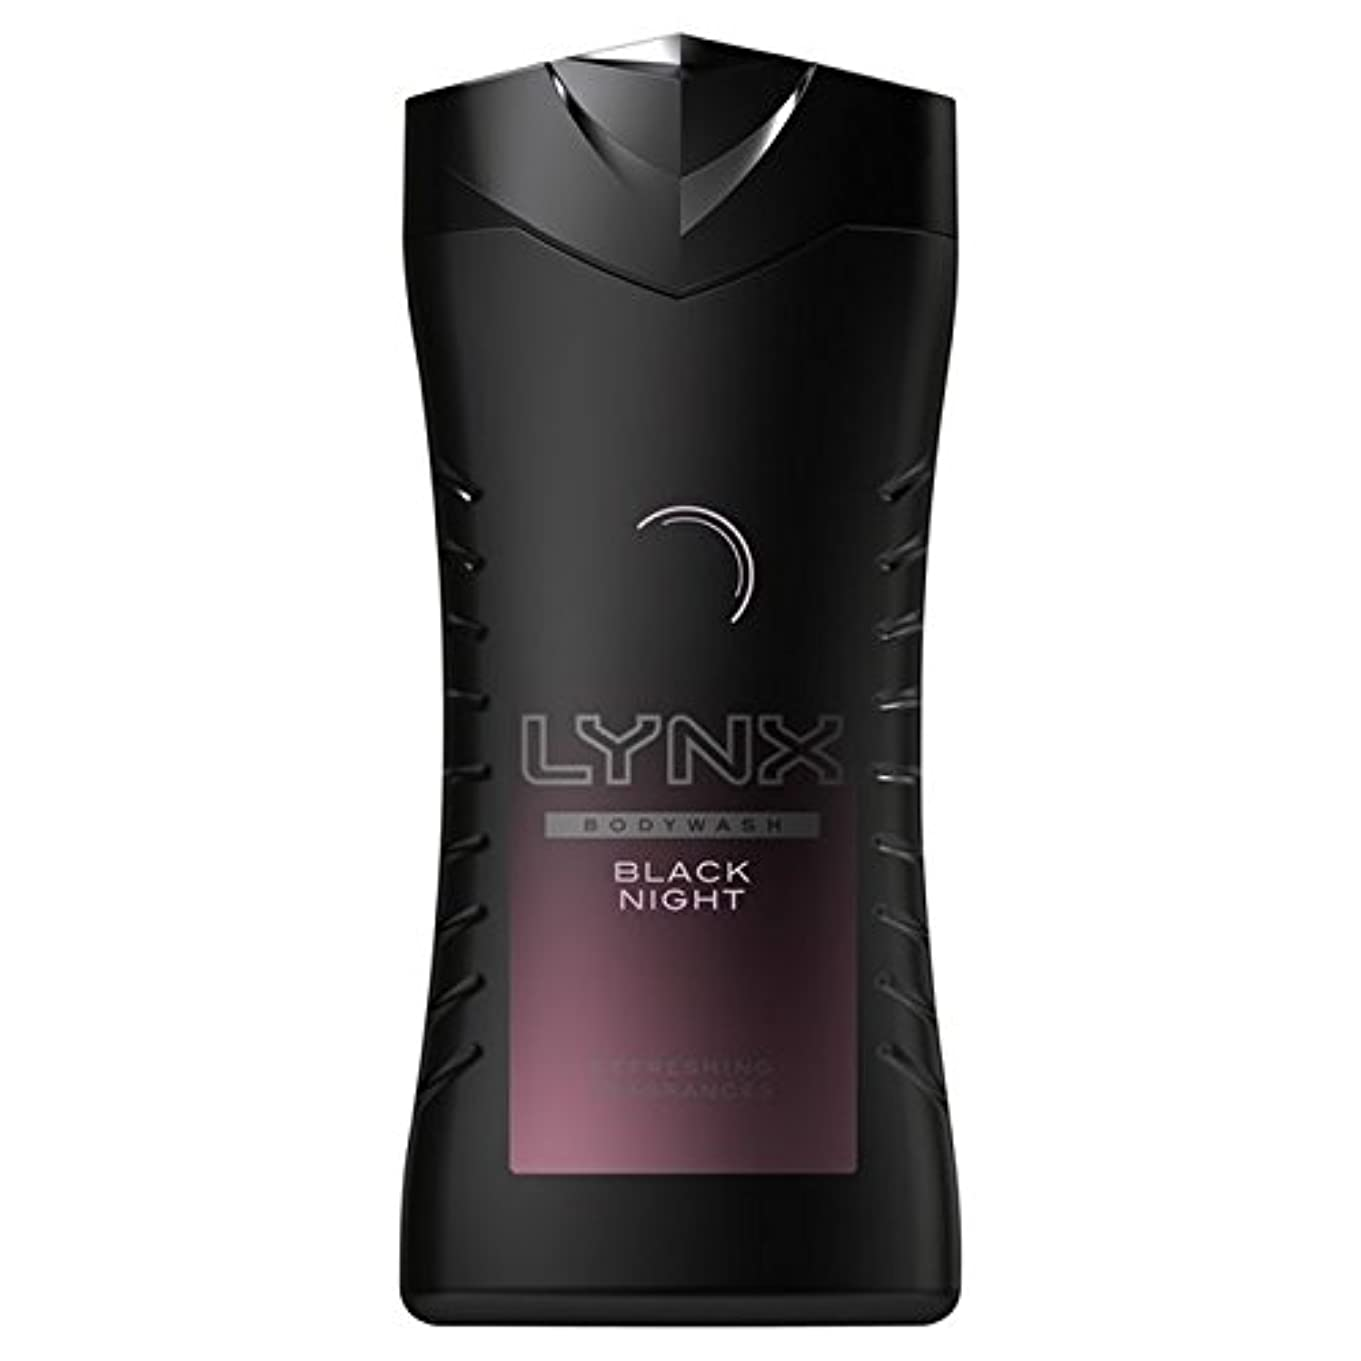 ブラジャースイング電球オオヤマネコ黒夜シャワージェル250ミリリットル x2 - Lynx Black Night Shower Gel 250ml (Pack of 2) [並行輸入品]